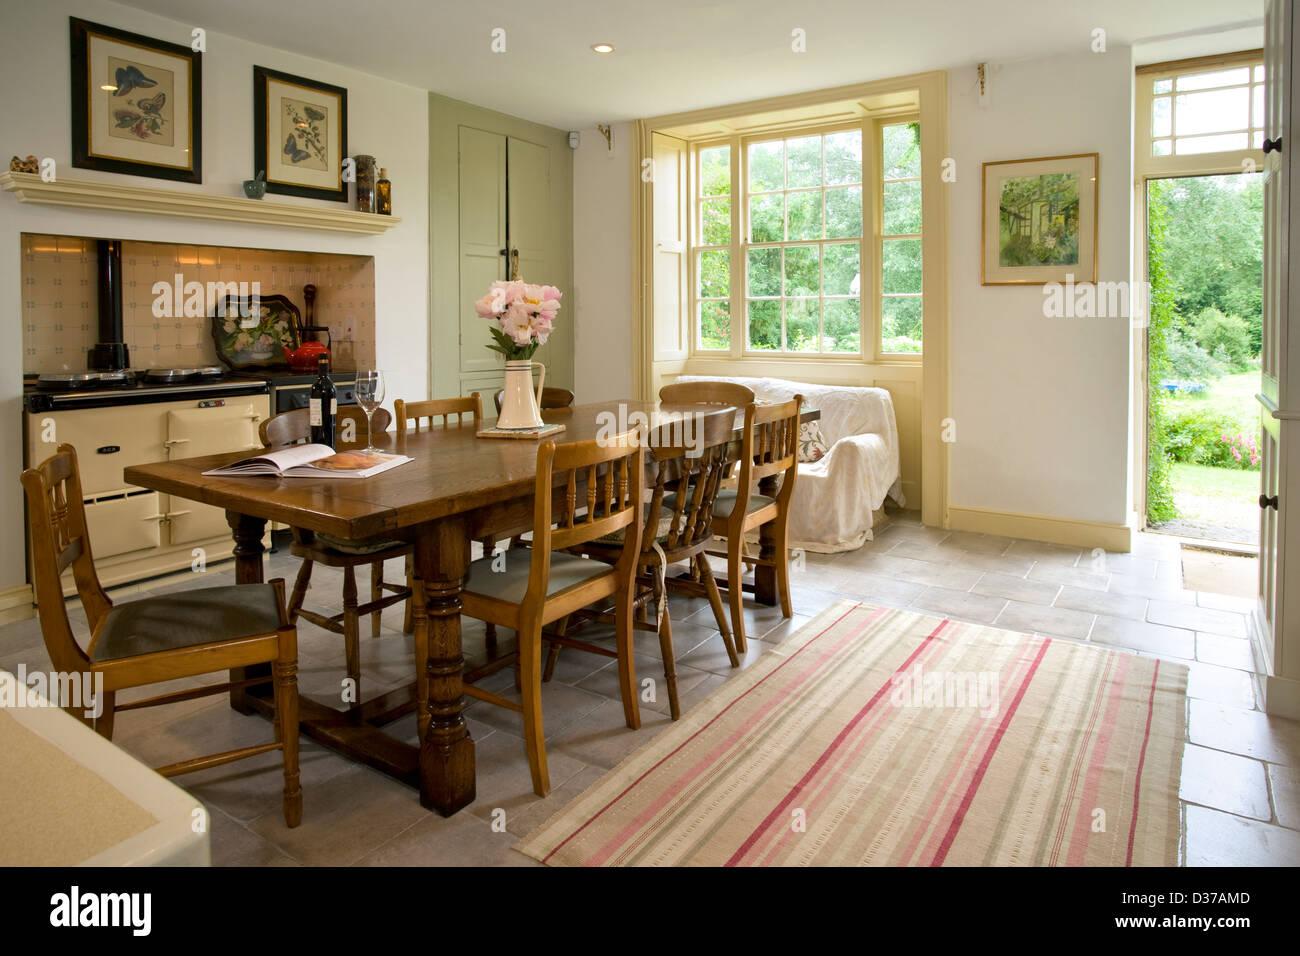 Ein traditionelles Bauernhaus Küche mit AGA-Herd. Hintertür offen ...